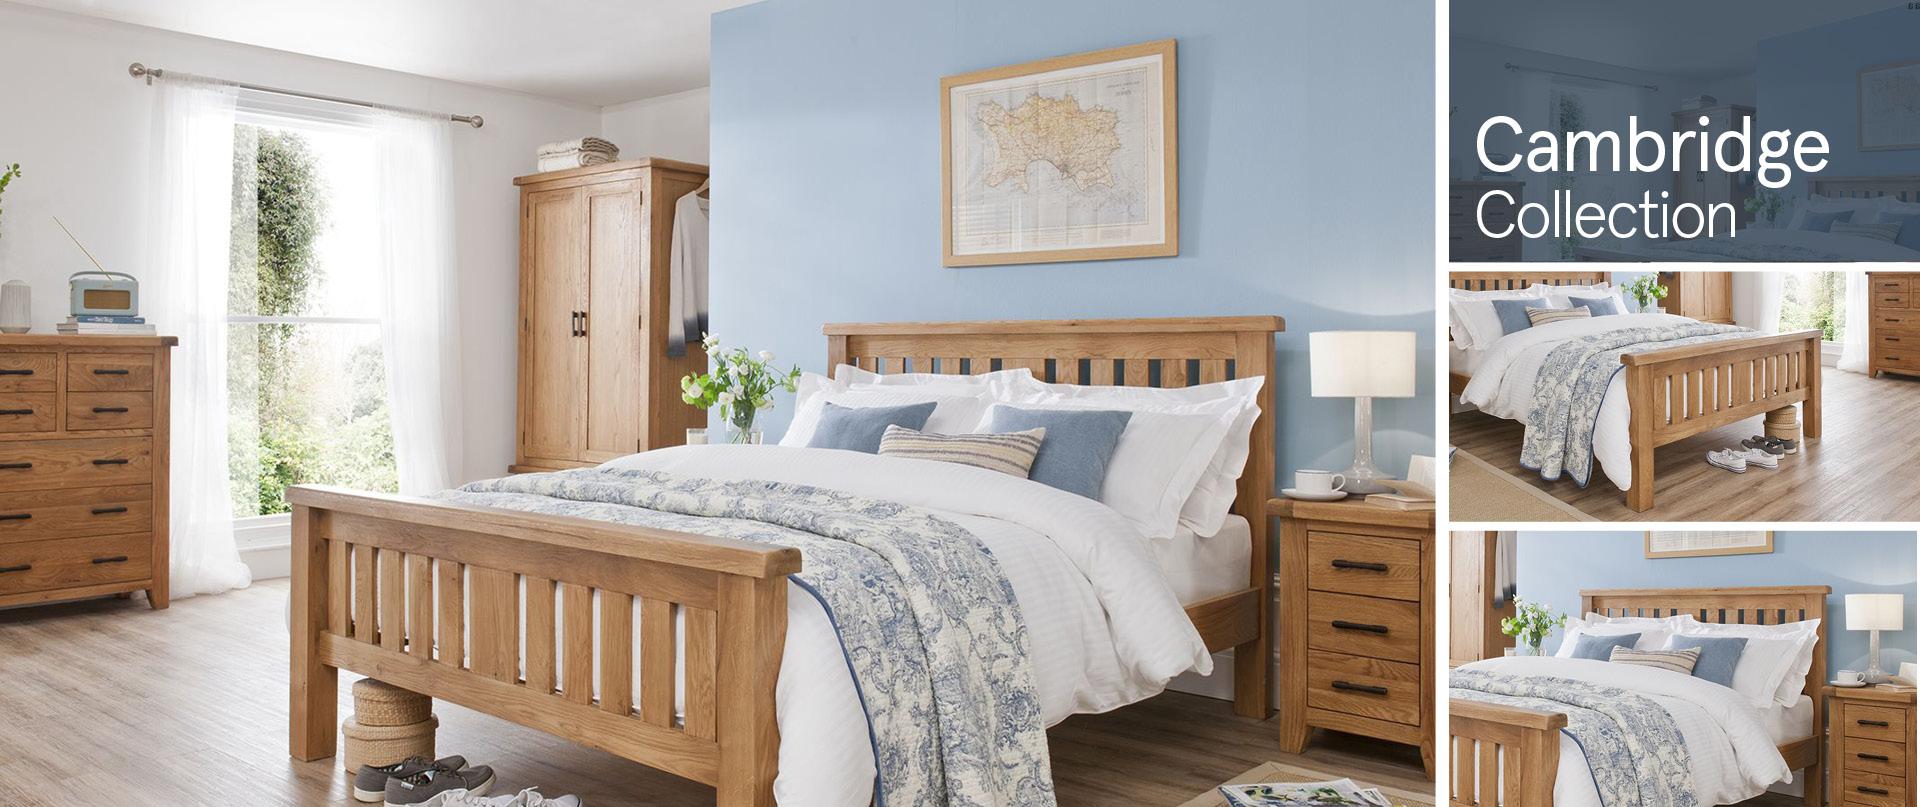 Cambridge Bedroom Furniture Ranges